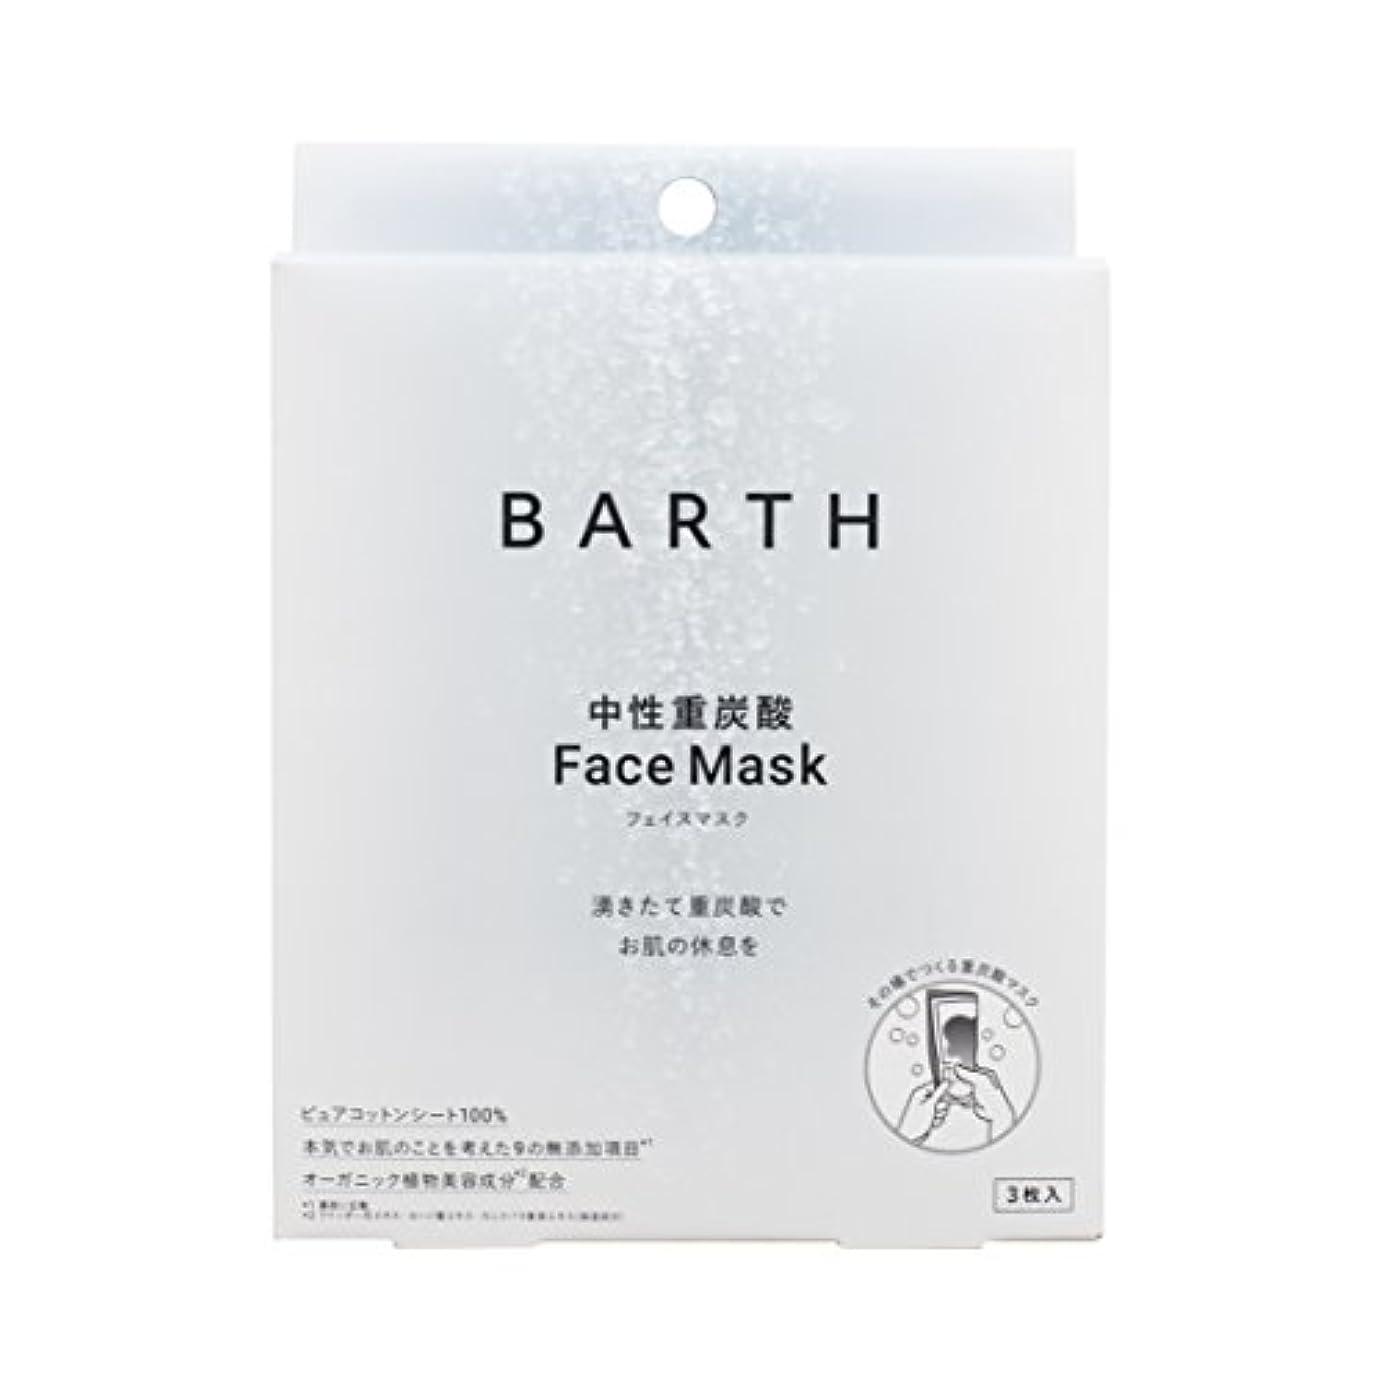 好奇心盛してはいけませんみがきますBARTH【バース】 中性 重炭酸 フェイスマスク (無添加 日本製 ピュアコットン 100% オーガニック植物美容成分3種入り) (3包入り)